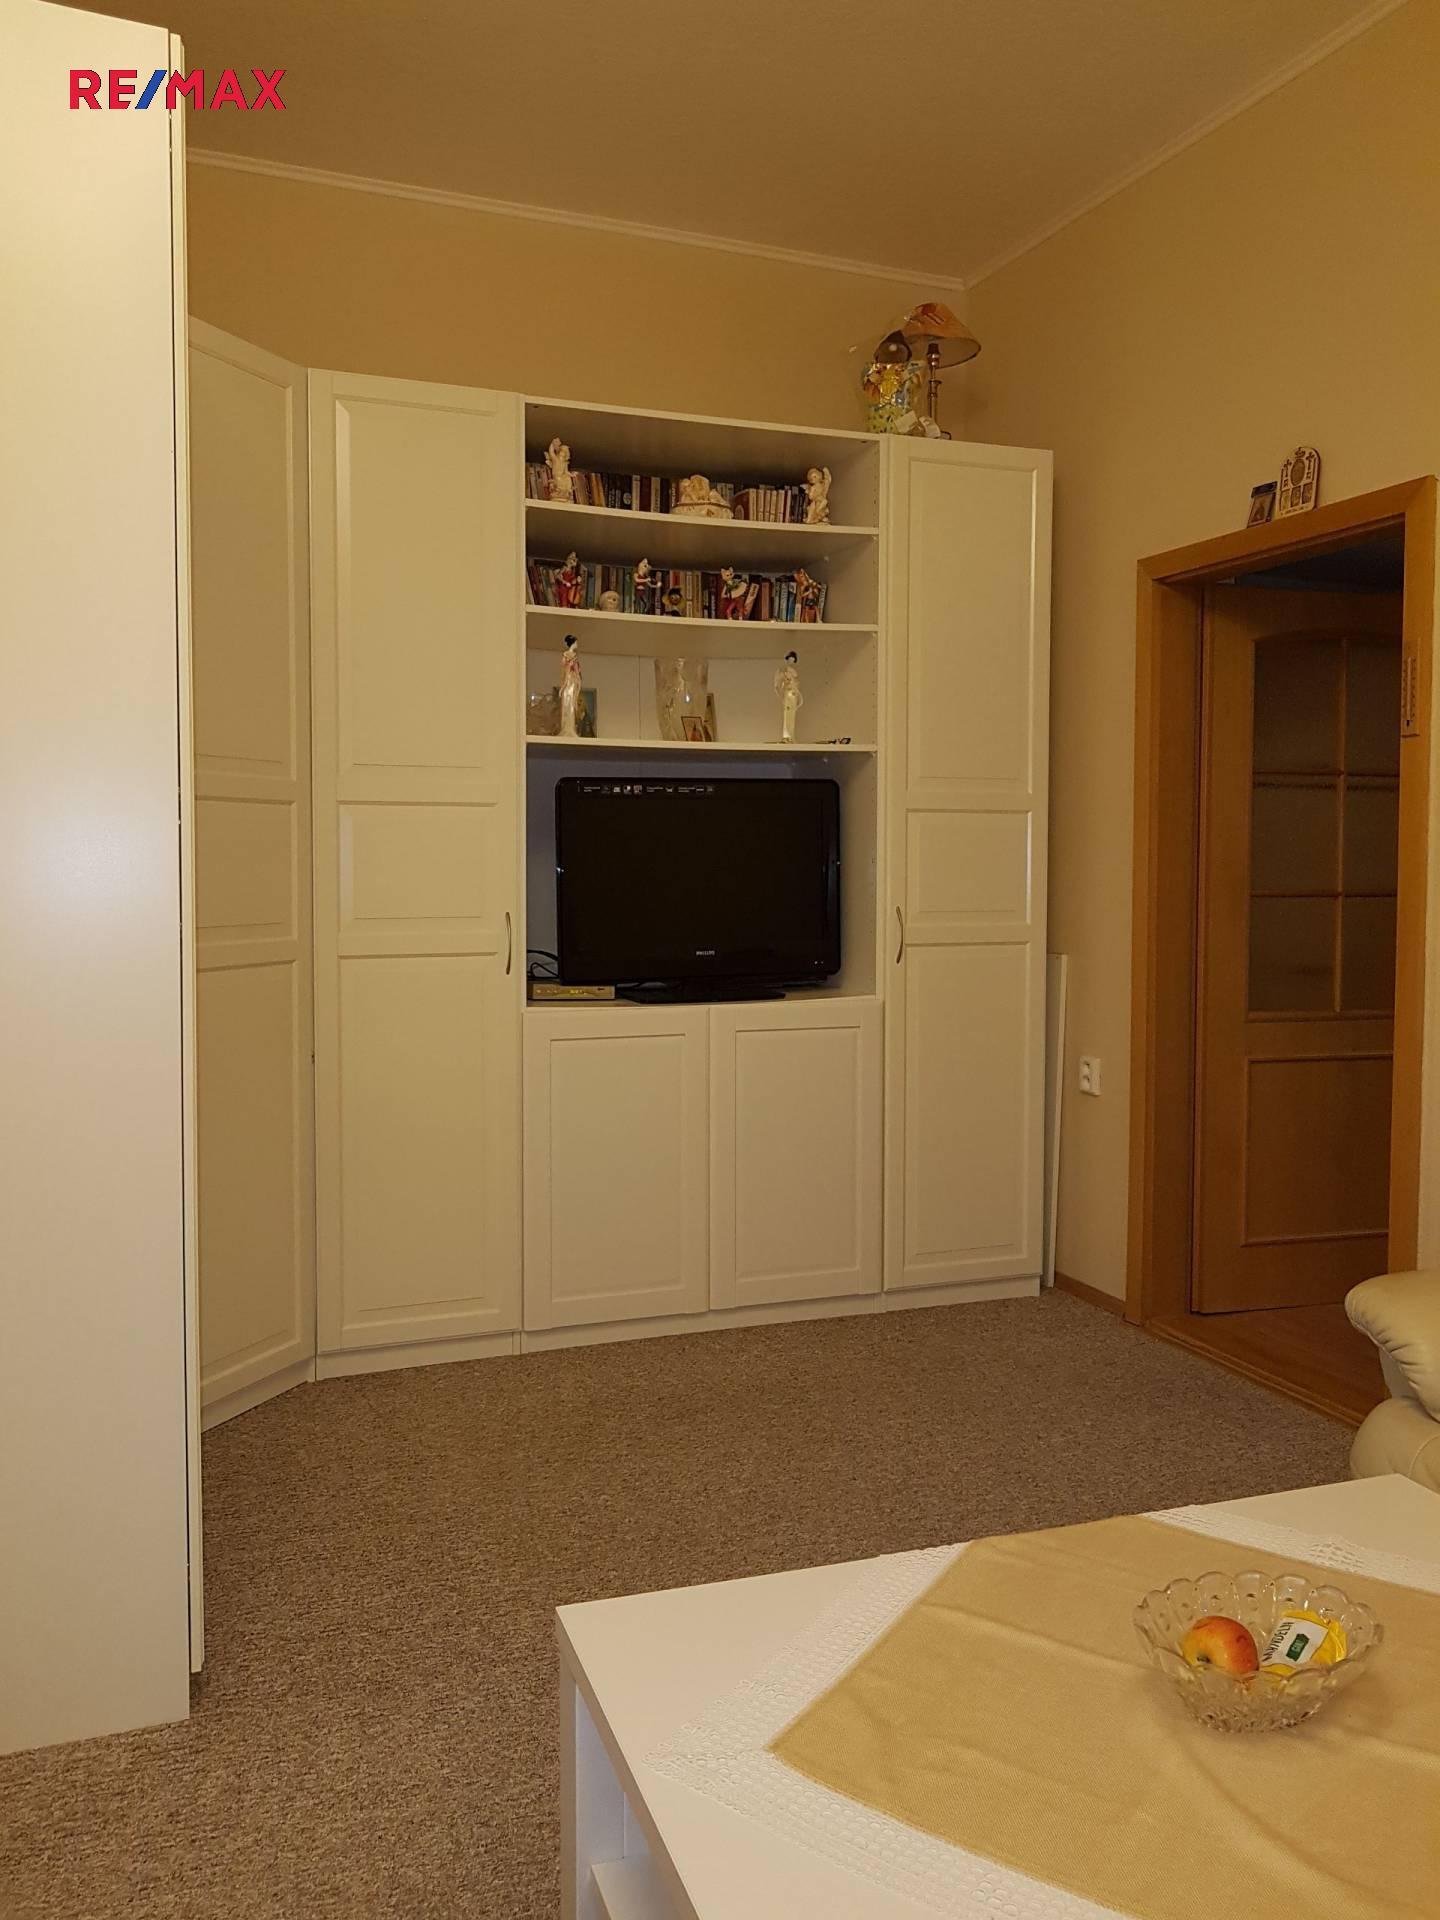 Prodej bytu 2+1 v osobním vlastnictví, 96 m2, Karlovy Vary